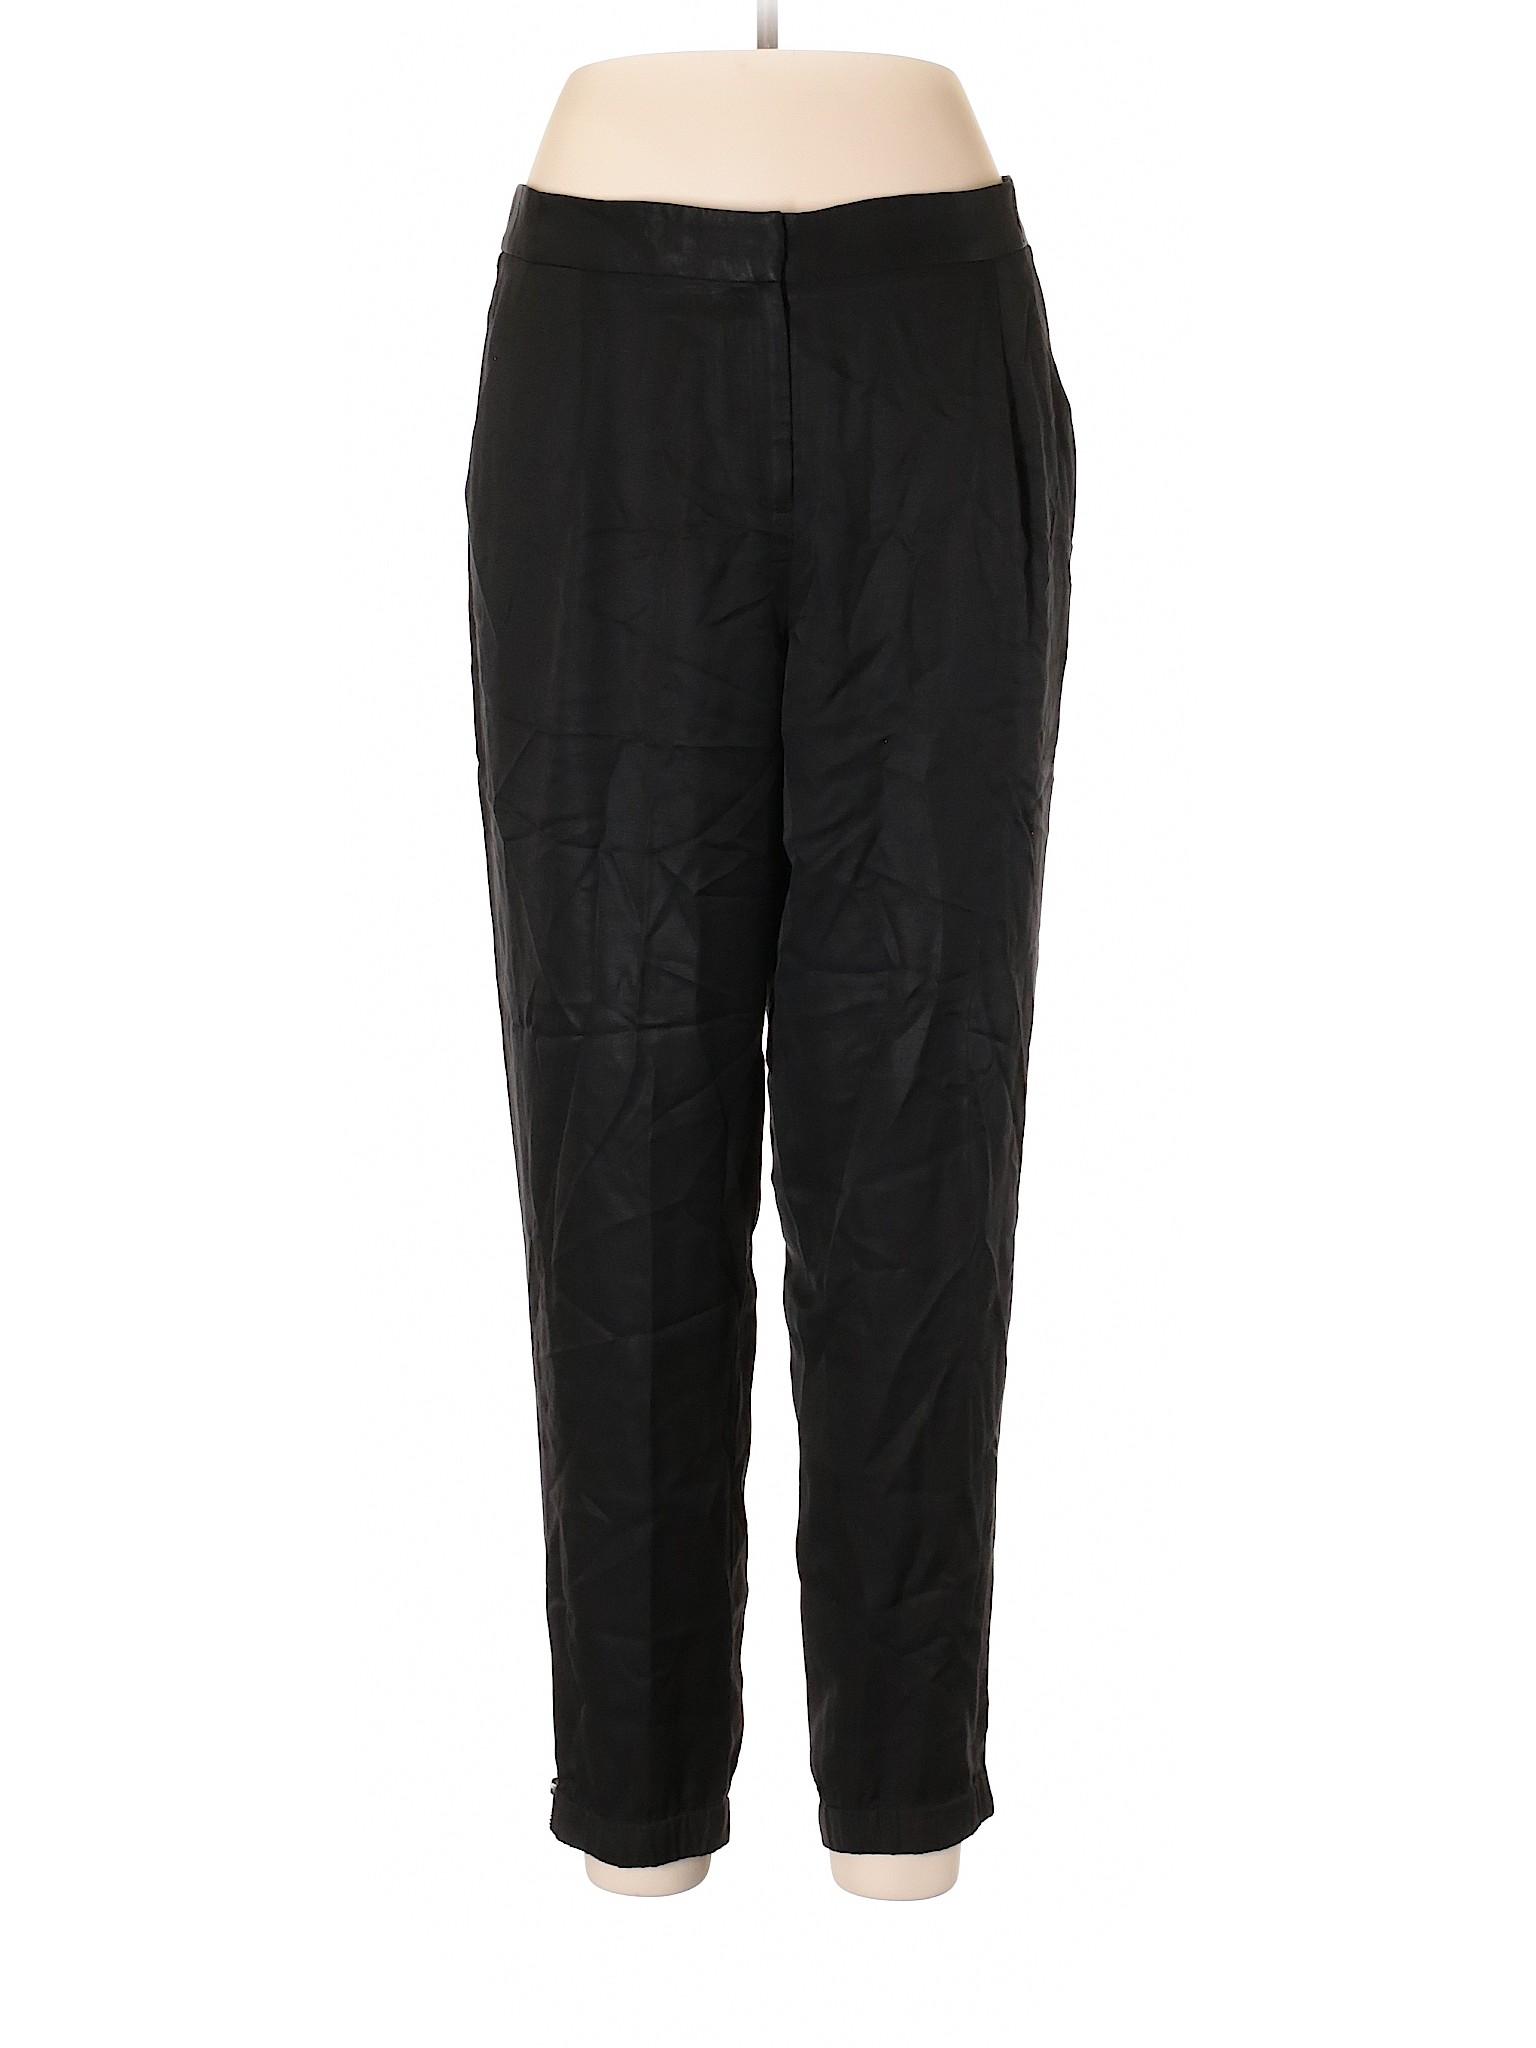 winter Entier Pants Classiques Boutique Dress 8S6qzx6d